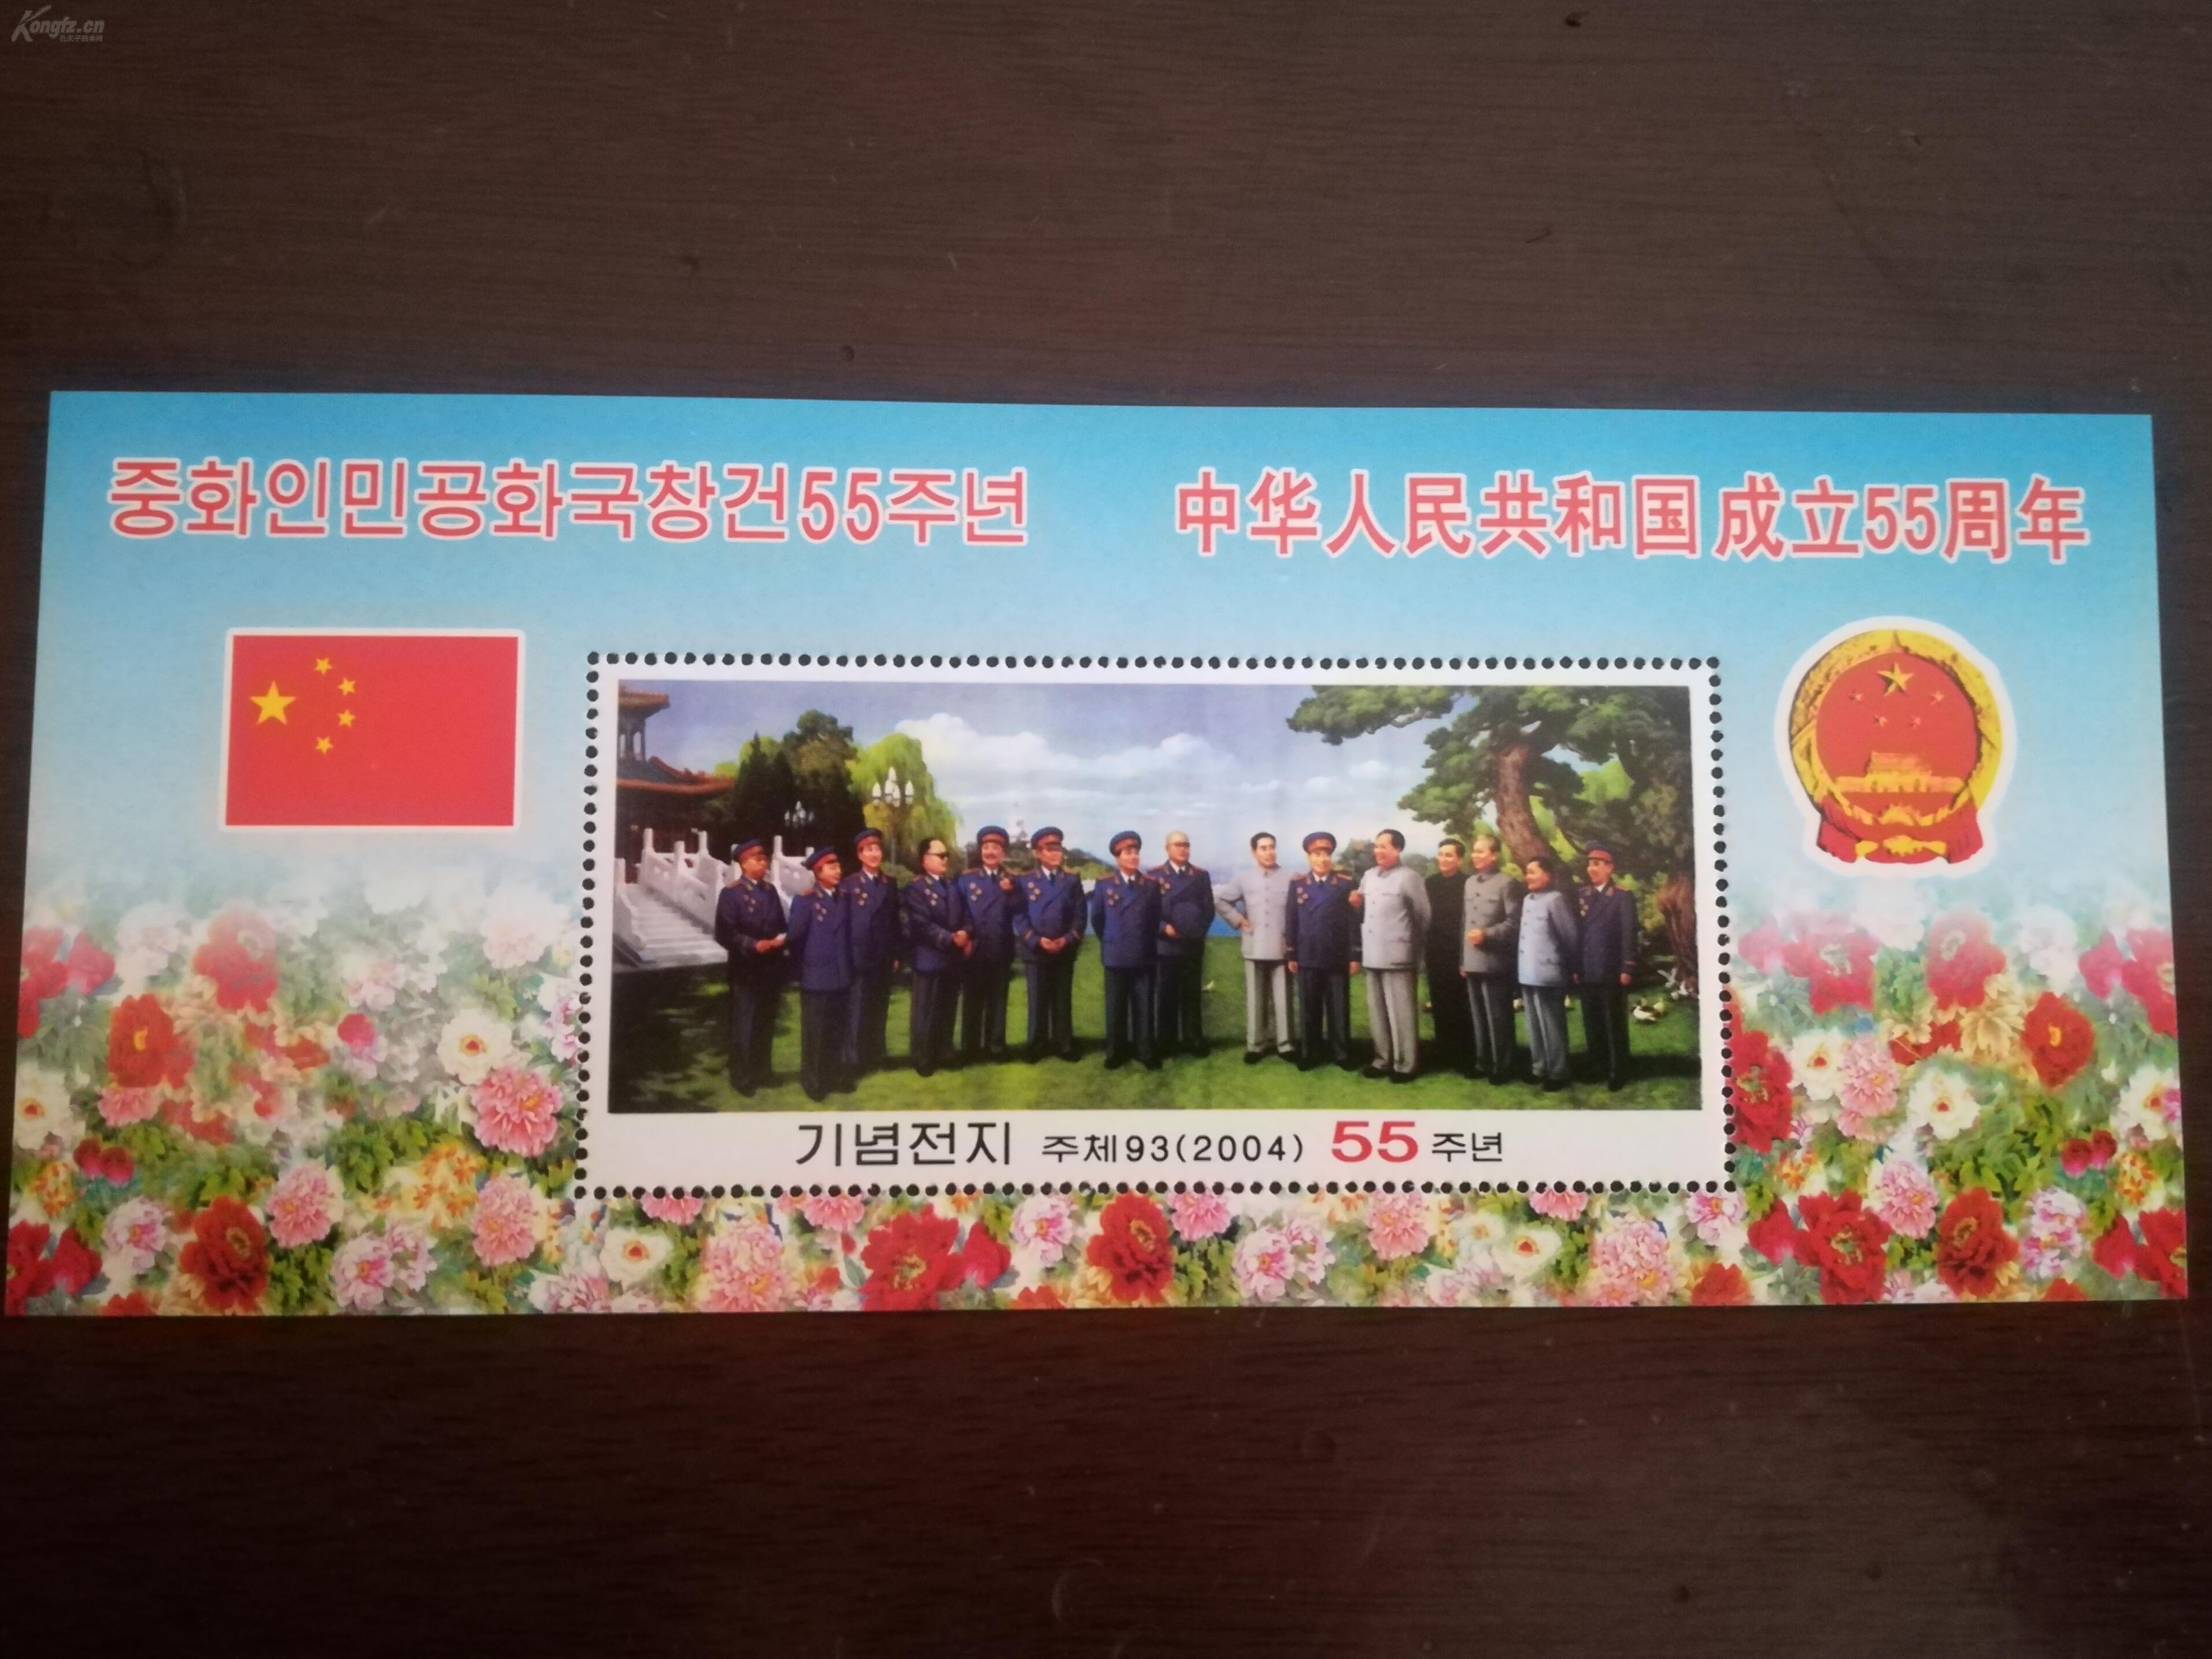 朝鲜2004 中华人民共和国成立55周年 十大元帅等伟人